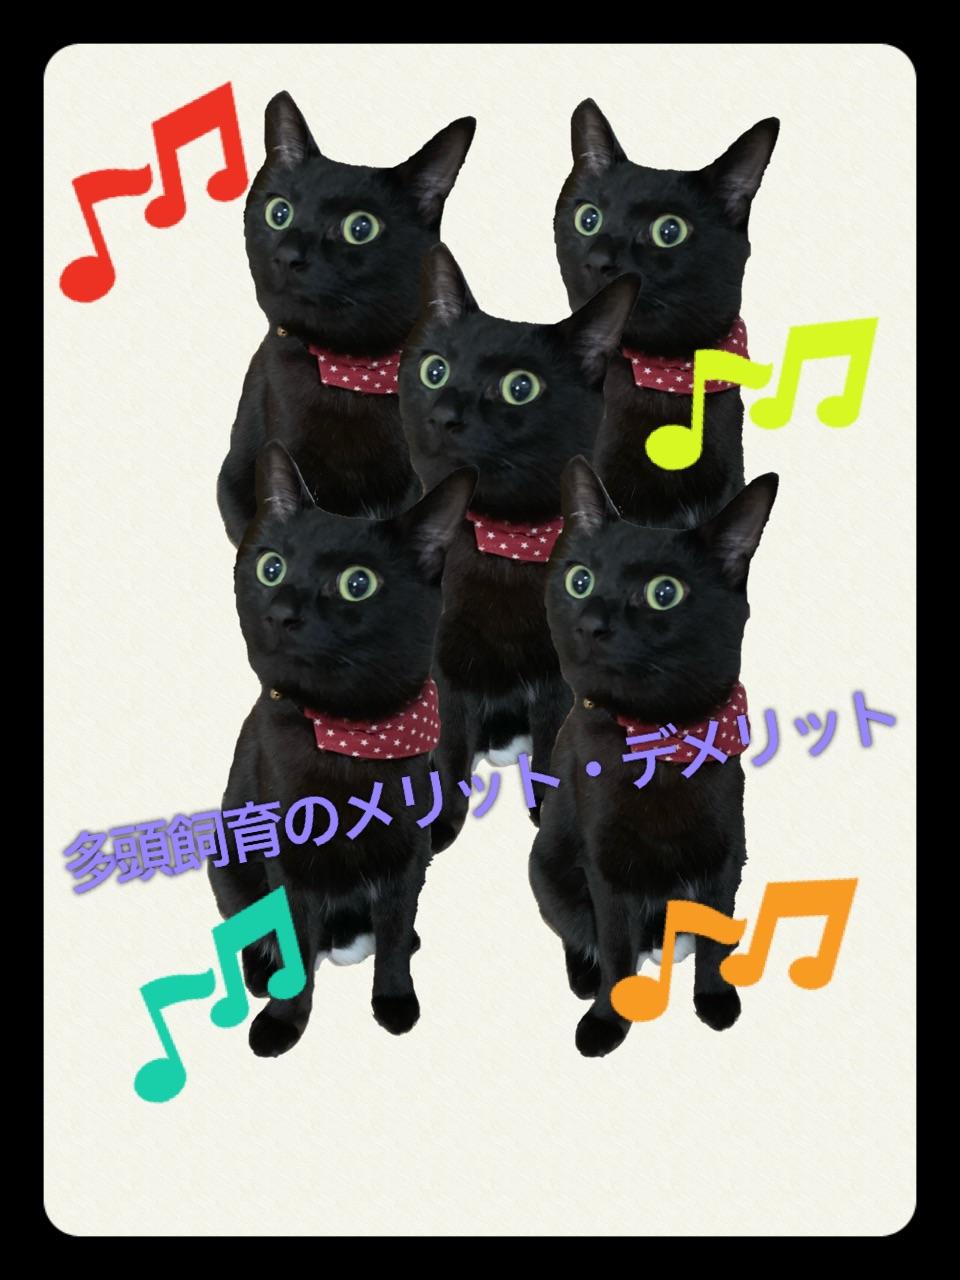 猫の多頭飼育の注意点【メリット・デメリット】